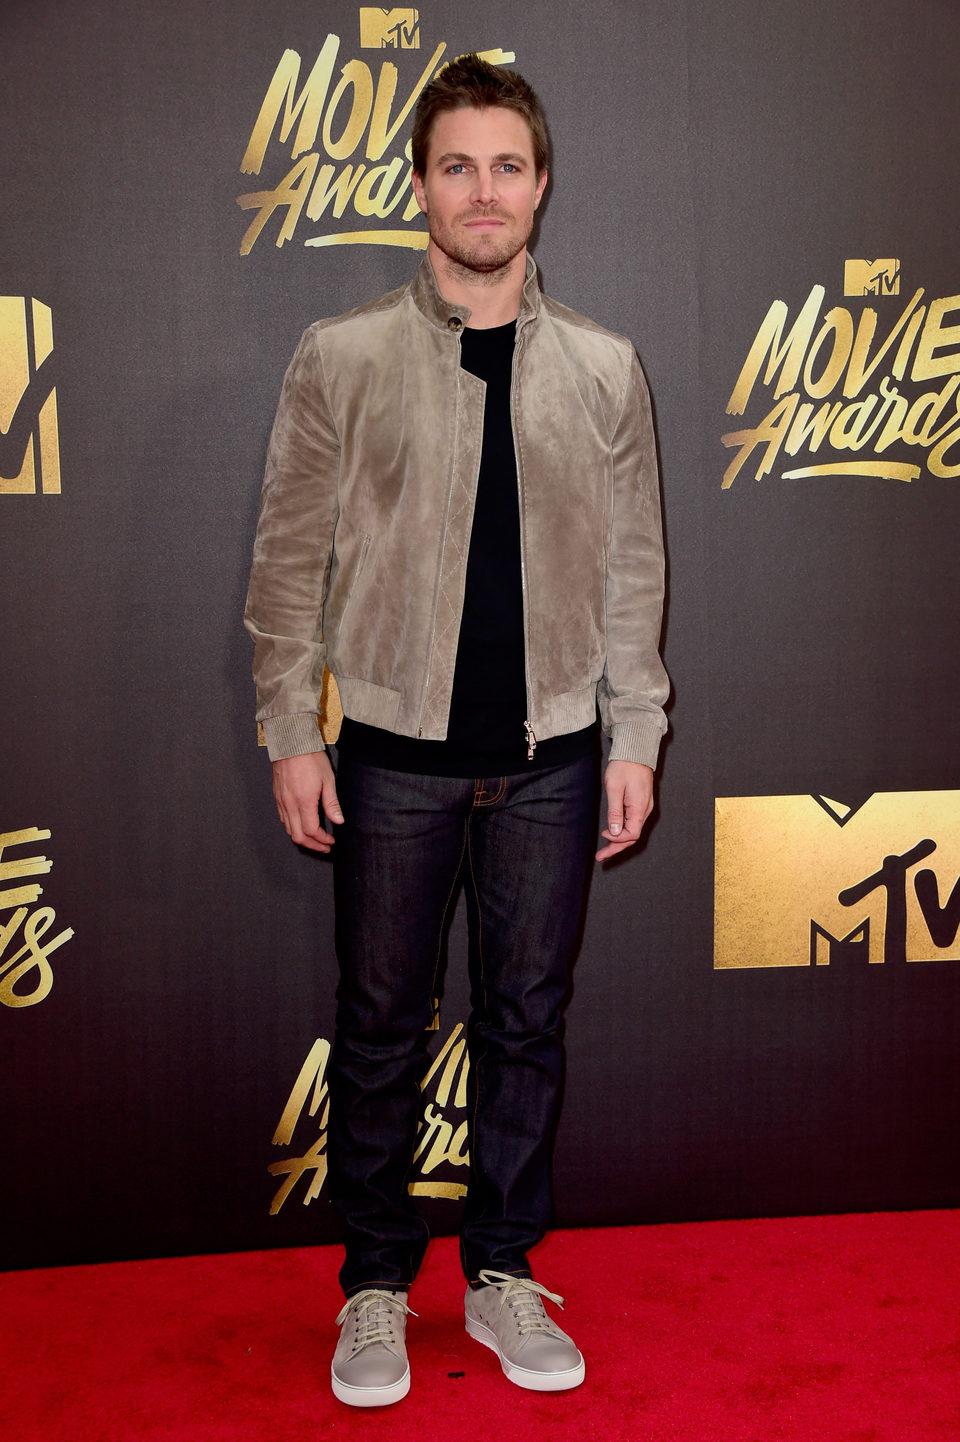 Stephen Amell en la alfombra roja de los MTV Movie Awards 2016